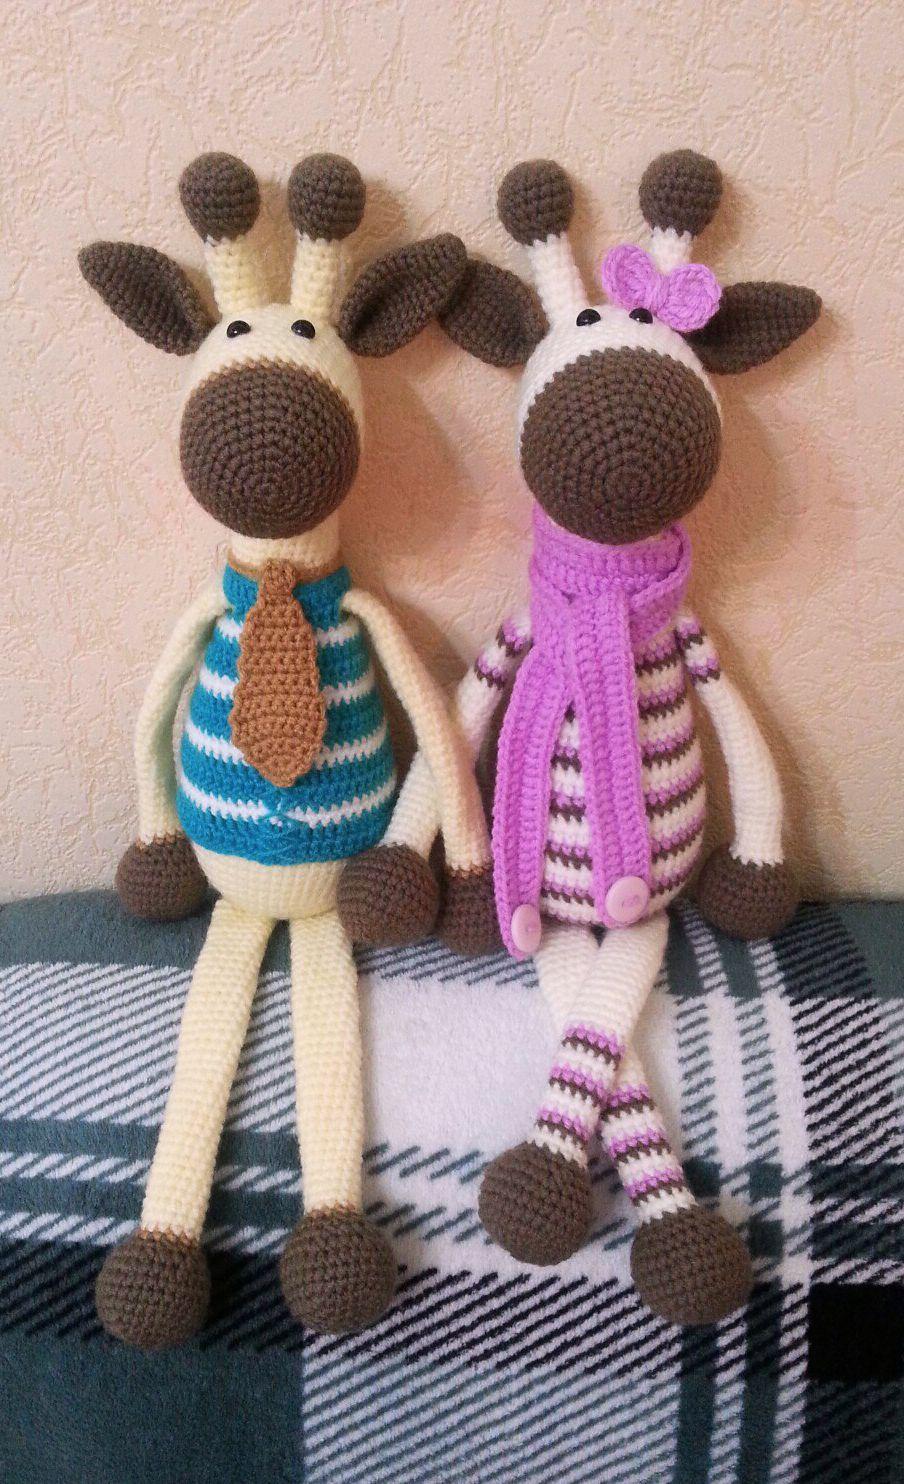 Hearty Giraffe amigurumi pattern | Pinterest | Häkeln, Stricken und ...